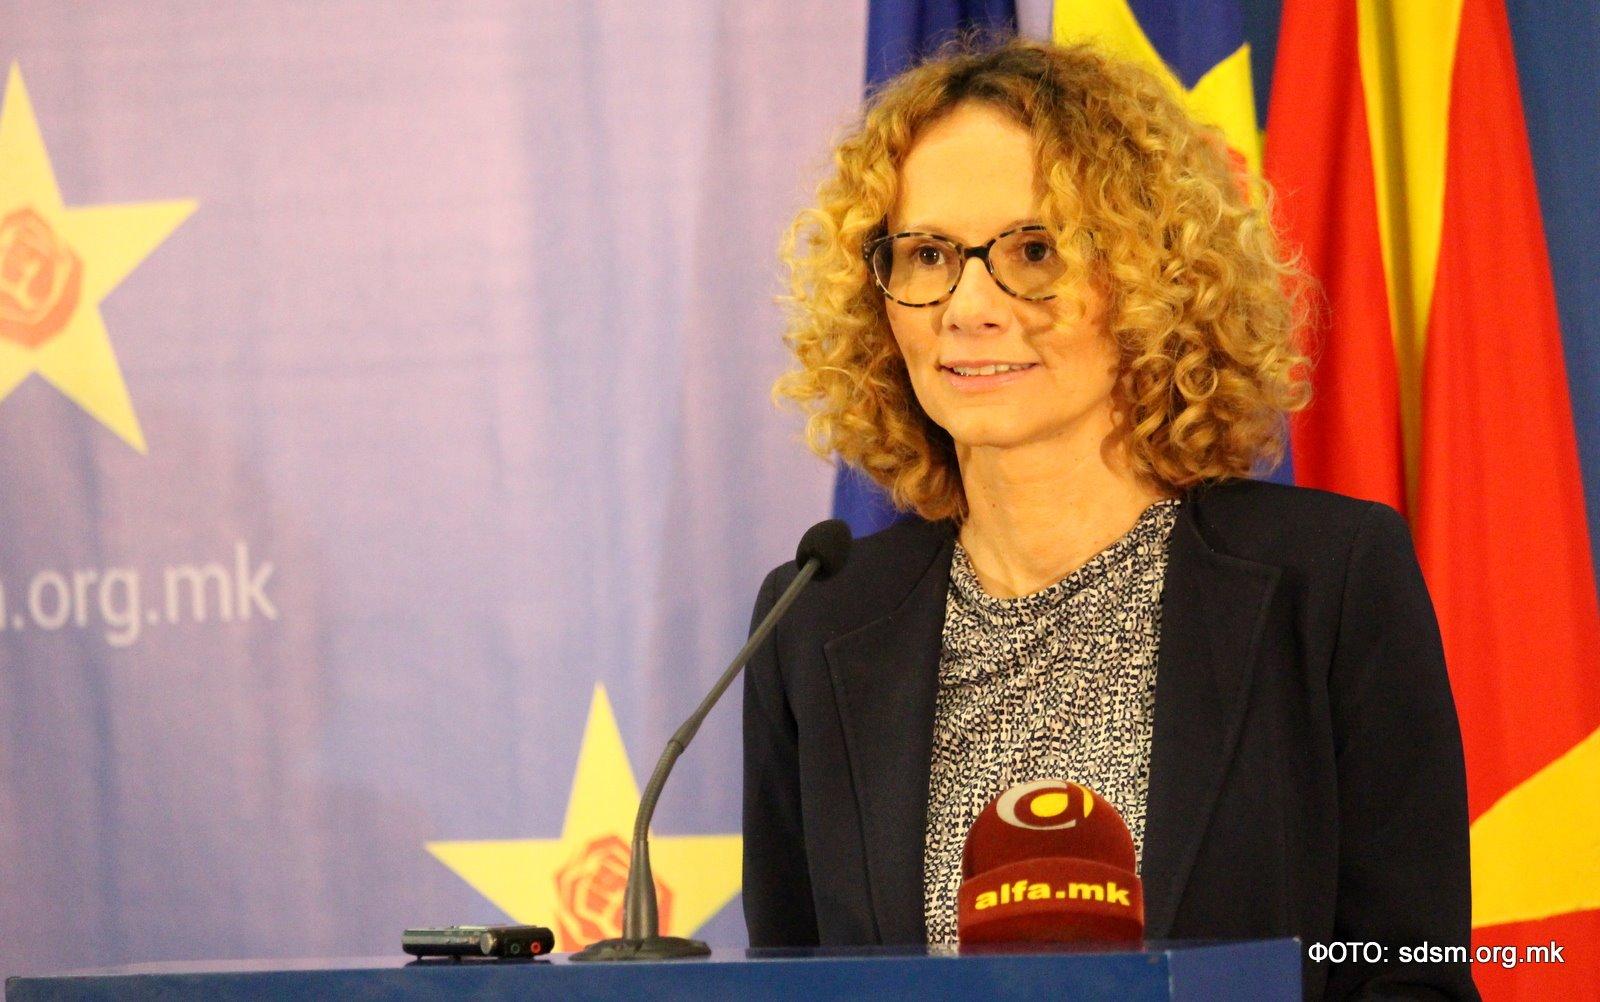 Former European Integration Minister Radmila Sekerinska